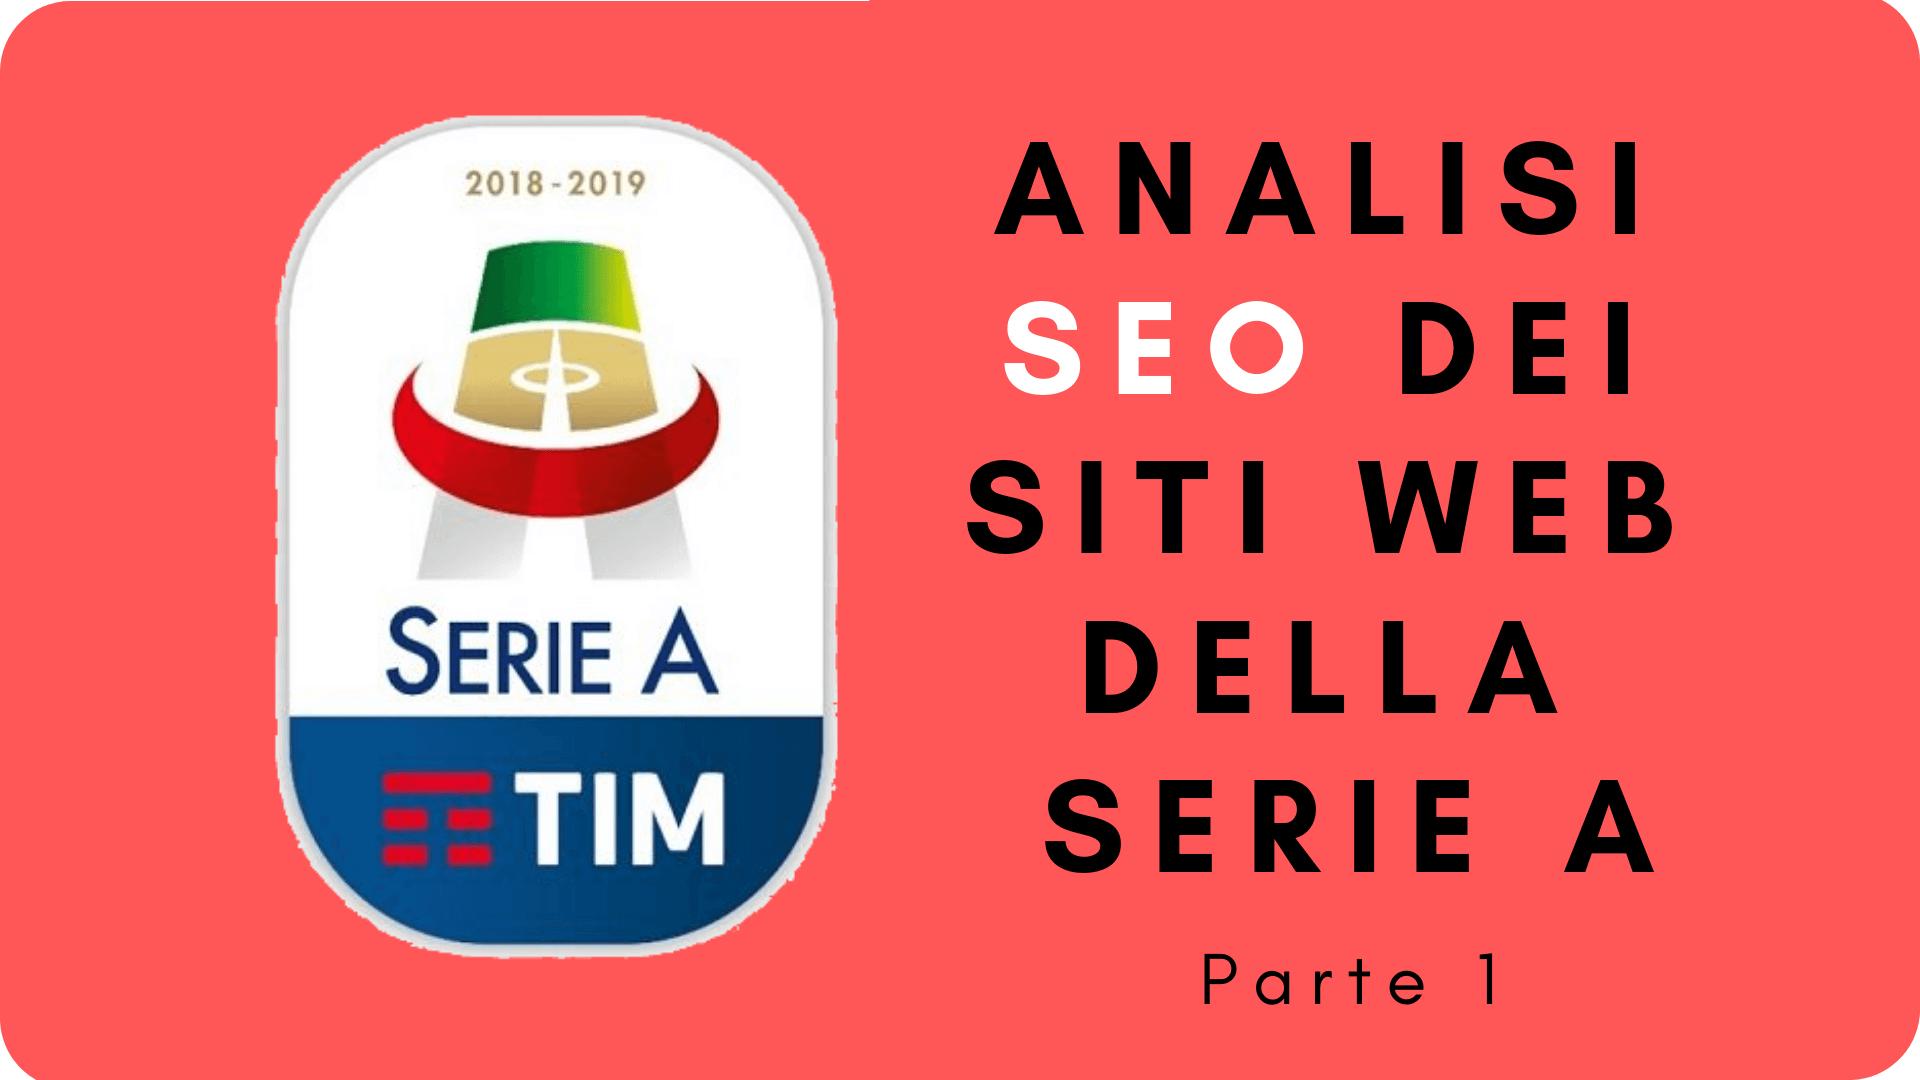 Analisi SEO dei siti web della Serie A